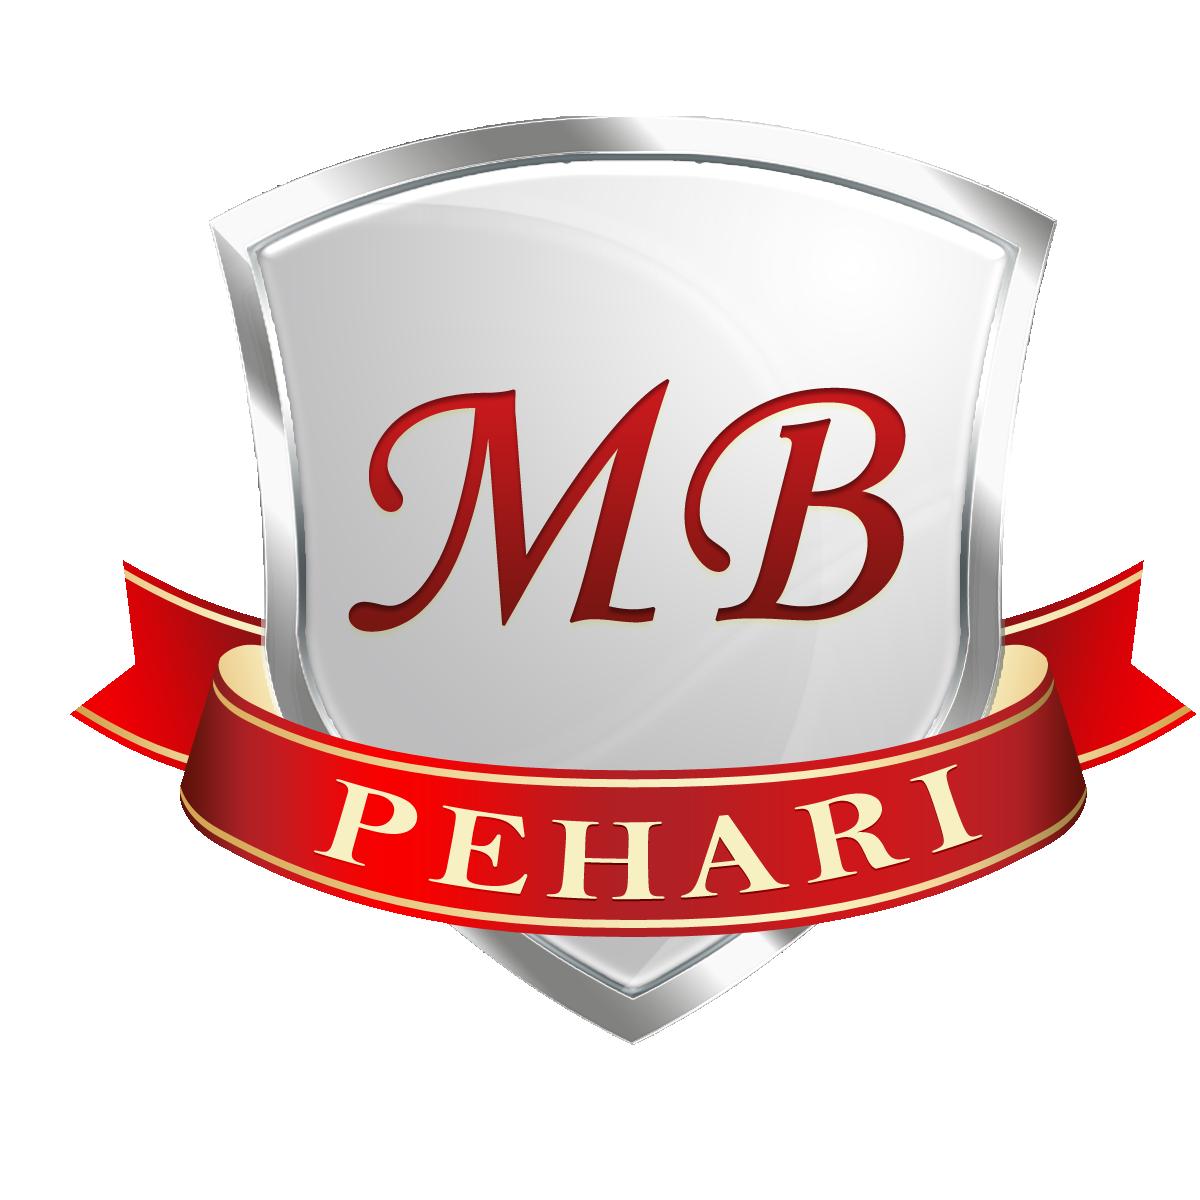 Pehari MB Smederevo